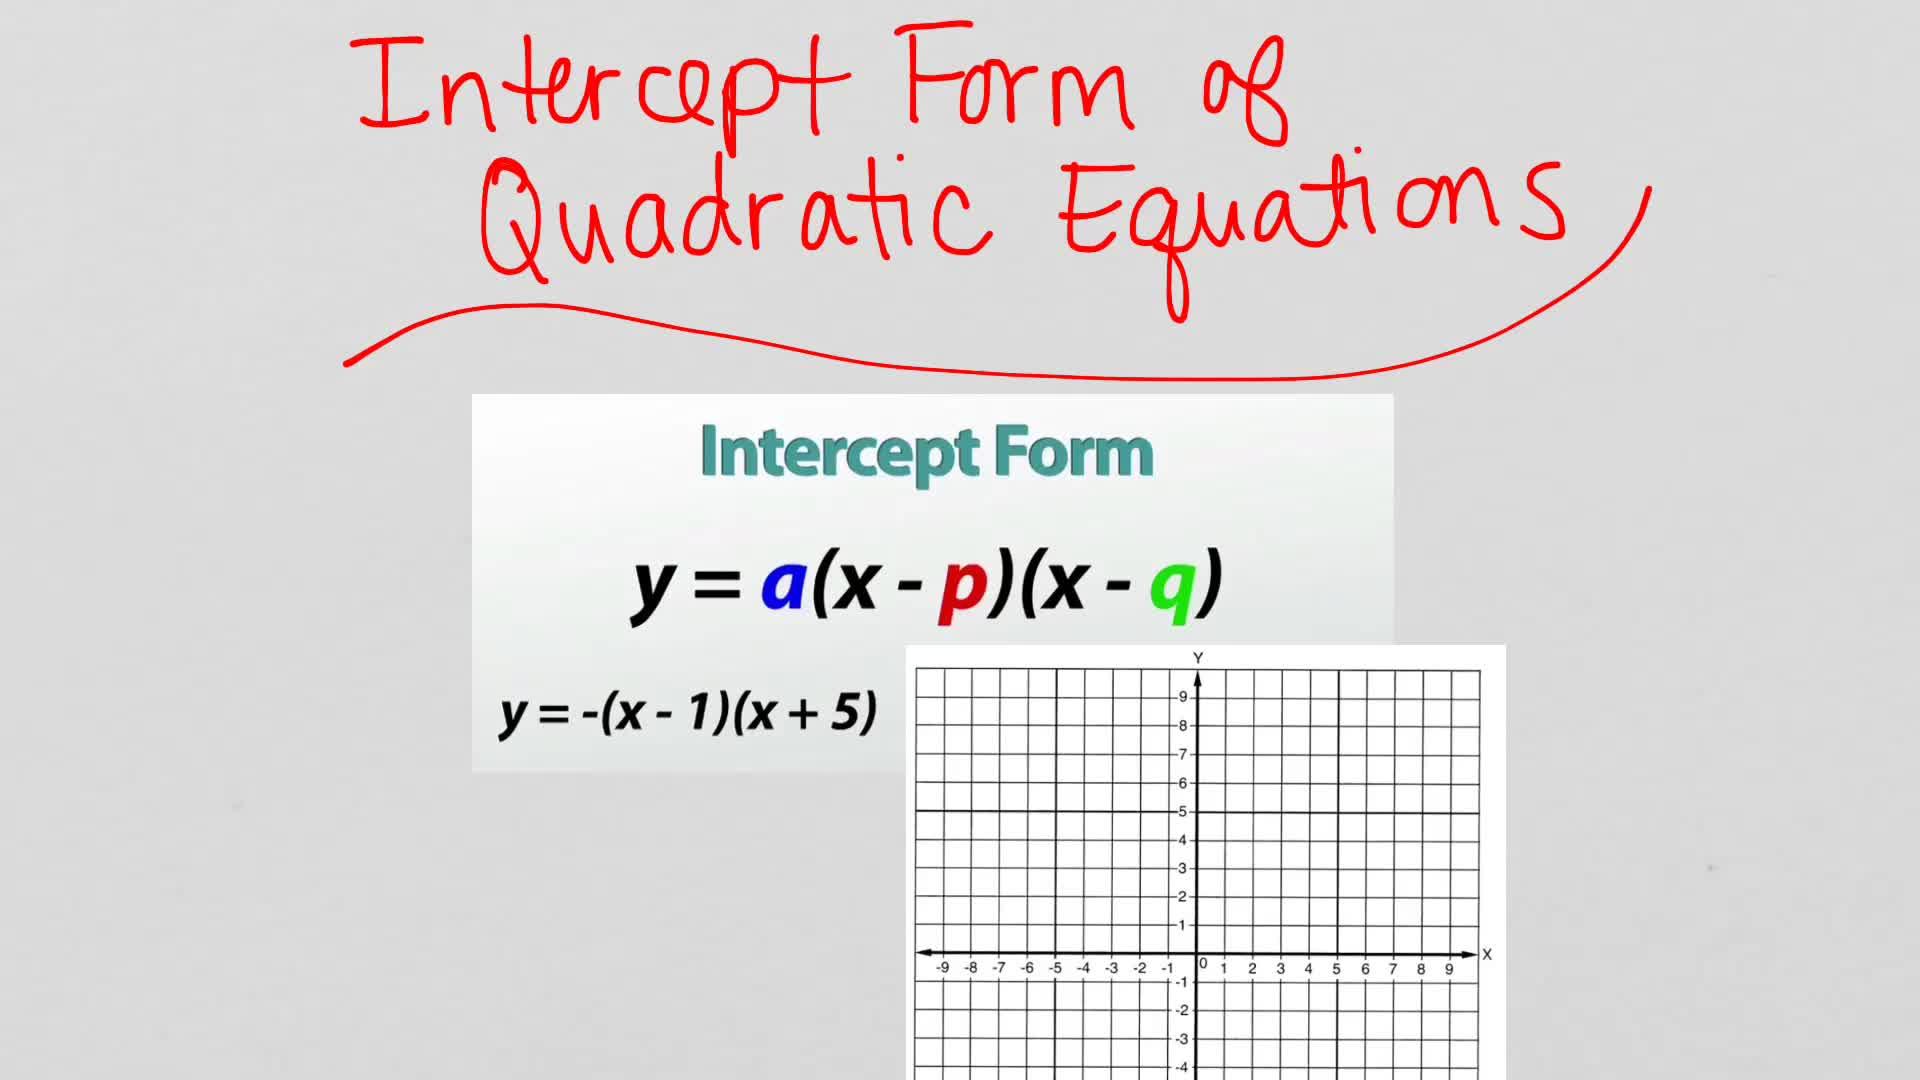 Intercept form of Quadratic Equations